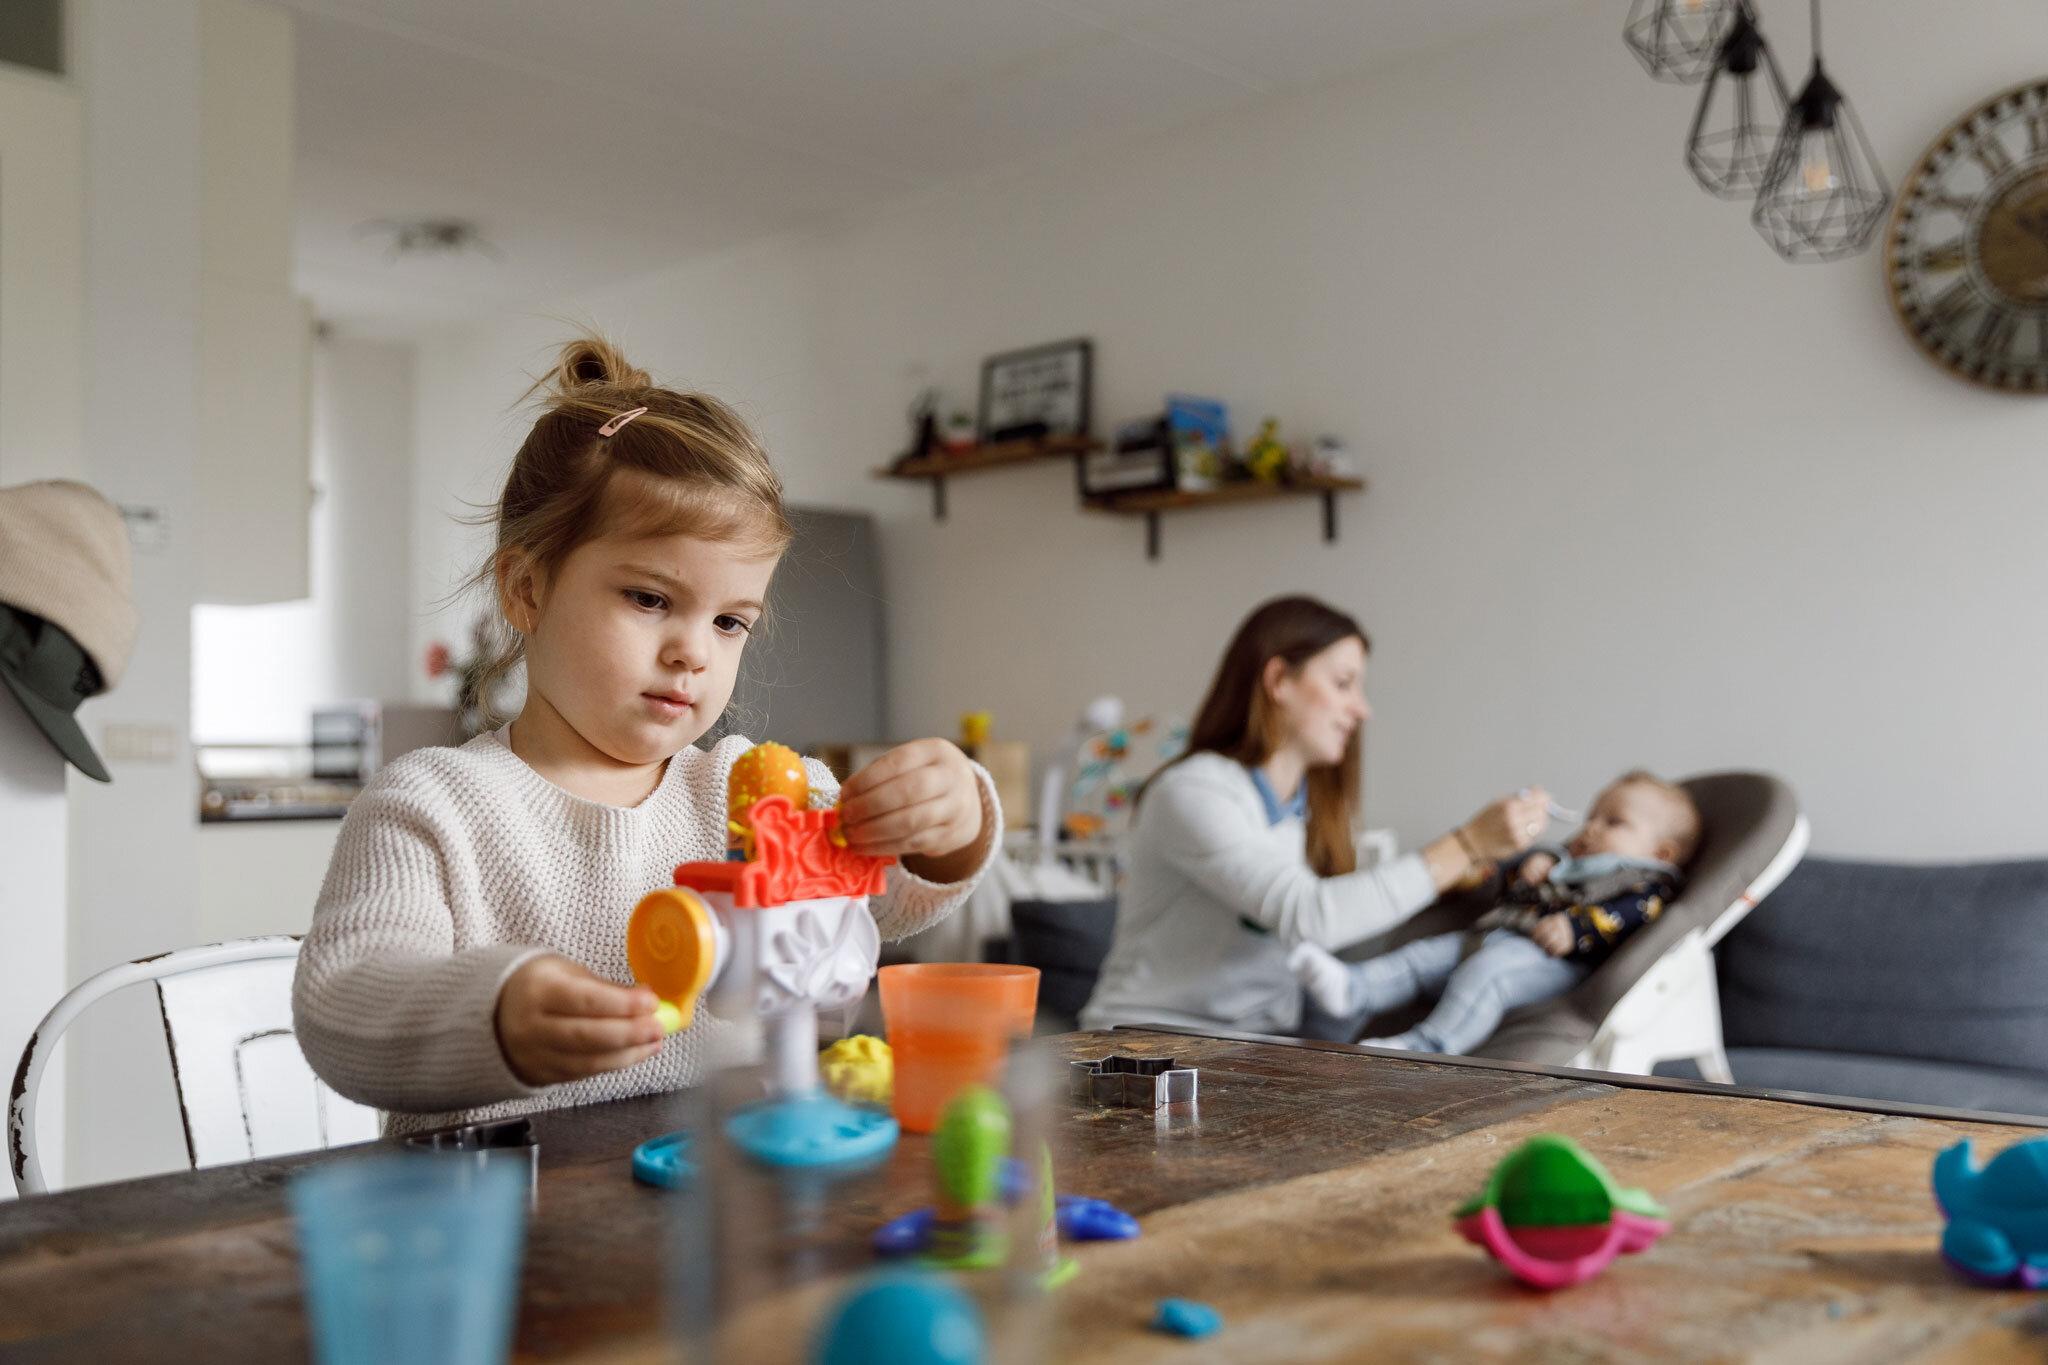 portret-jong-gezin-huurwoning.jpg